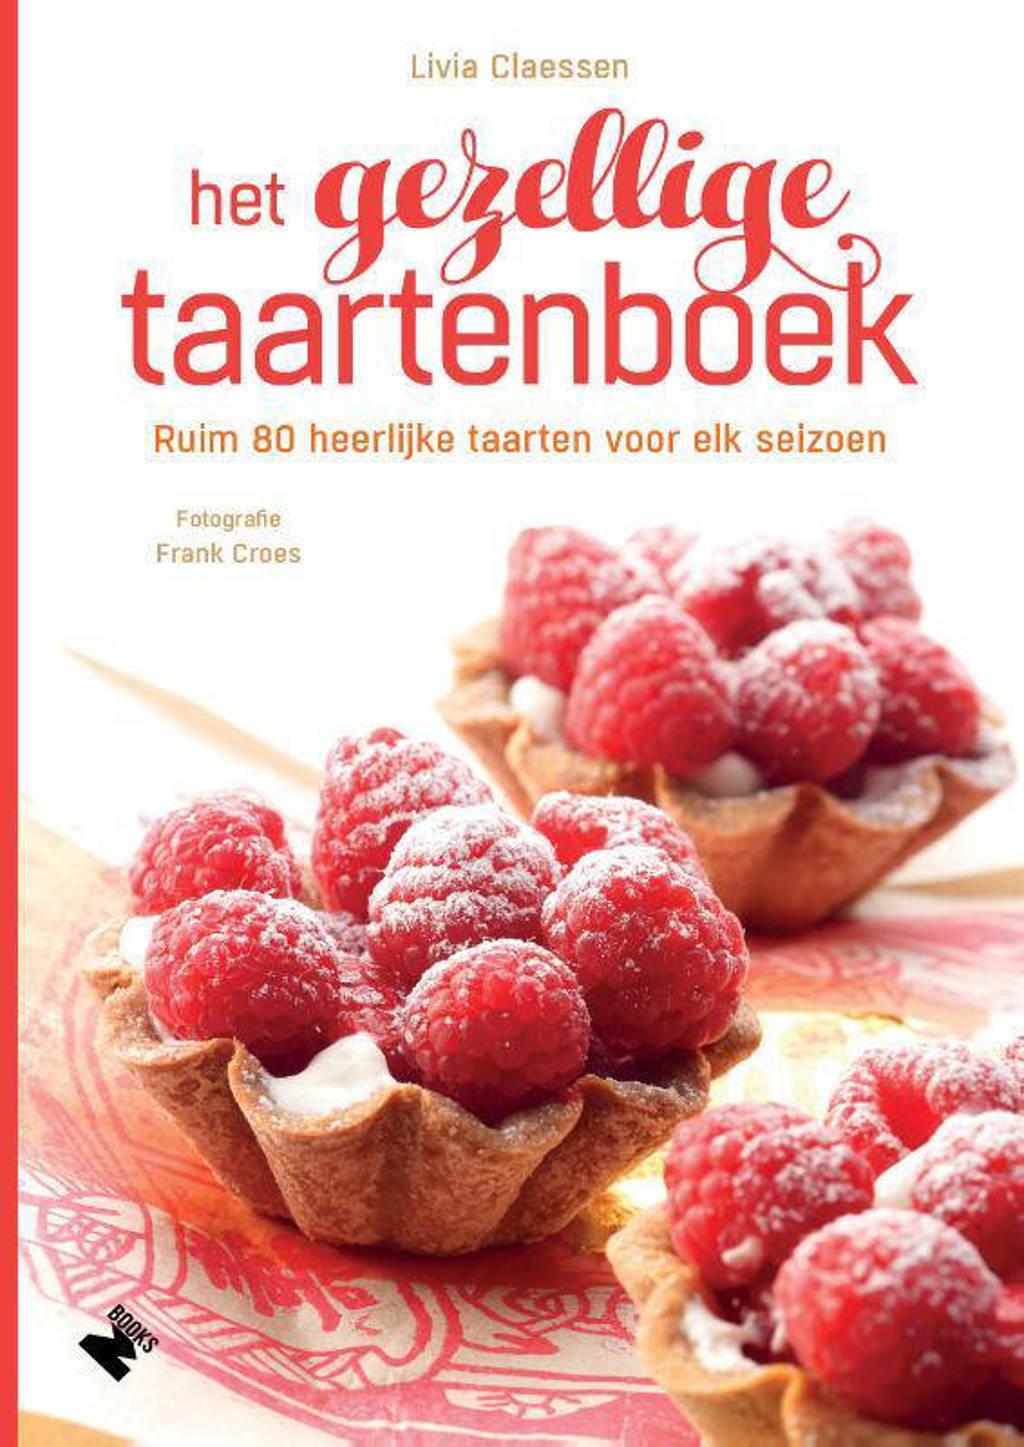 Het gezellige taartenboek - Livia Claessen